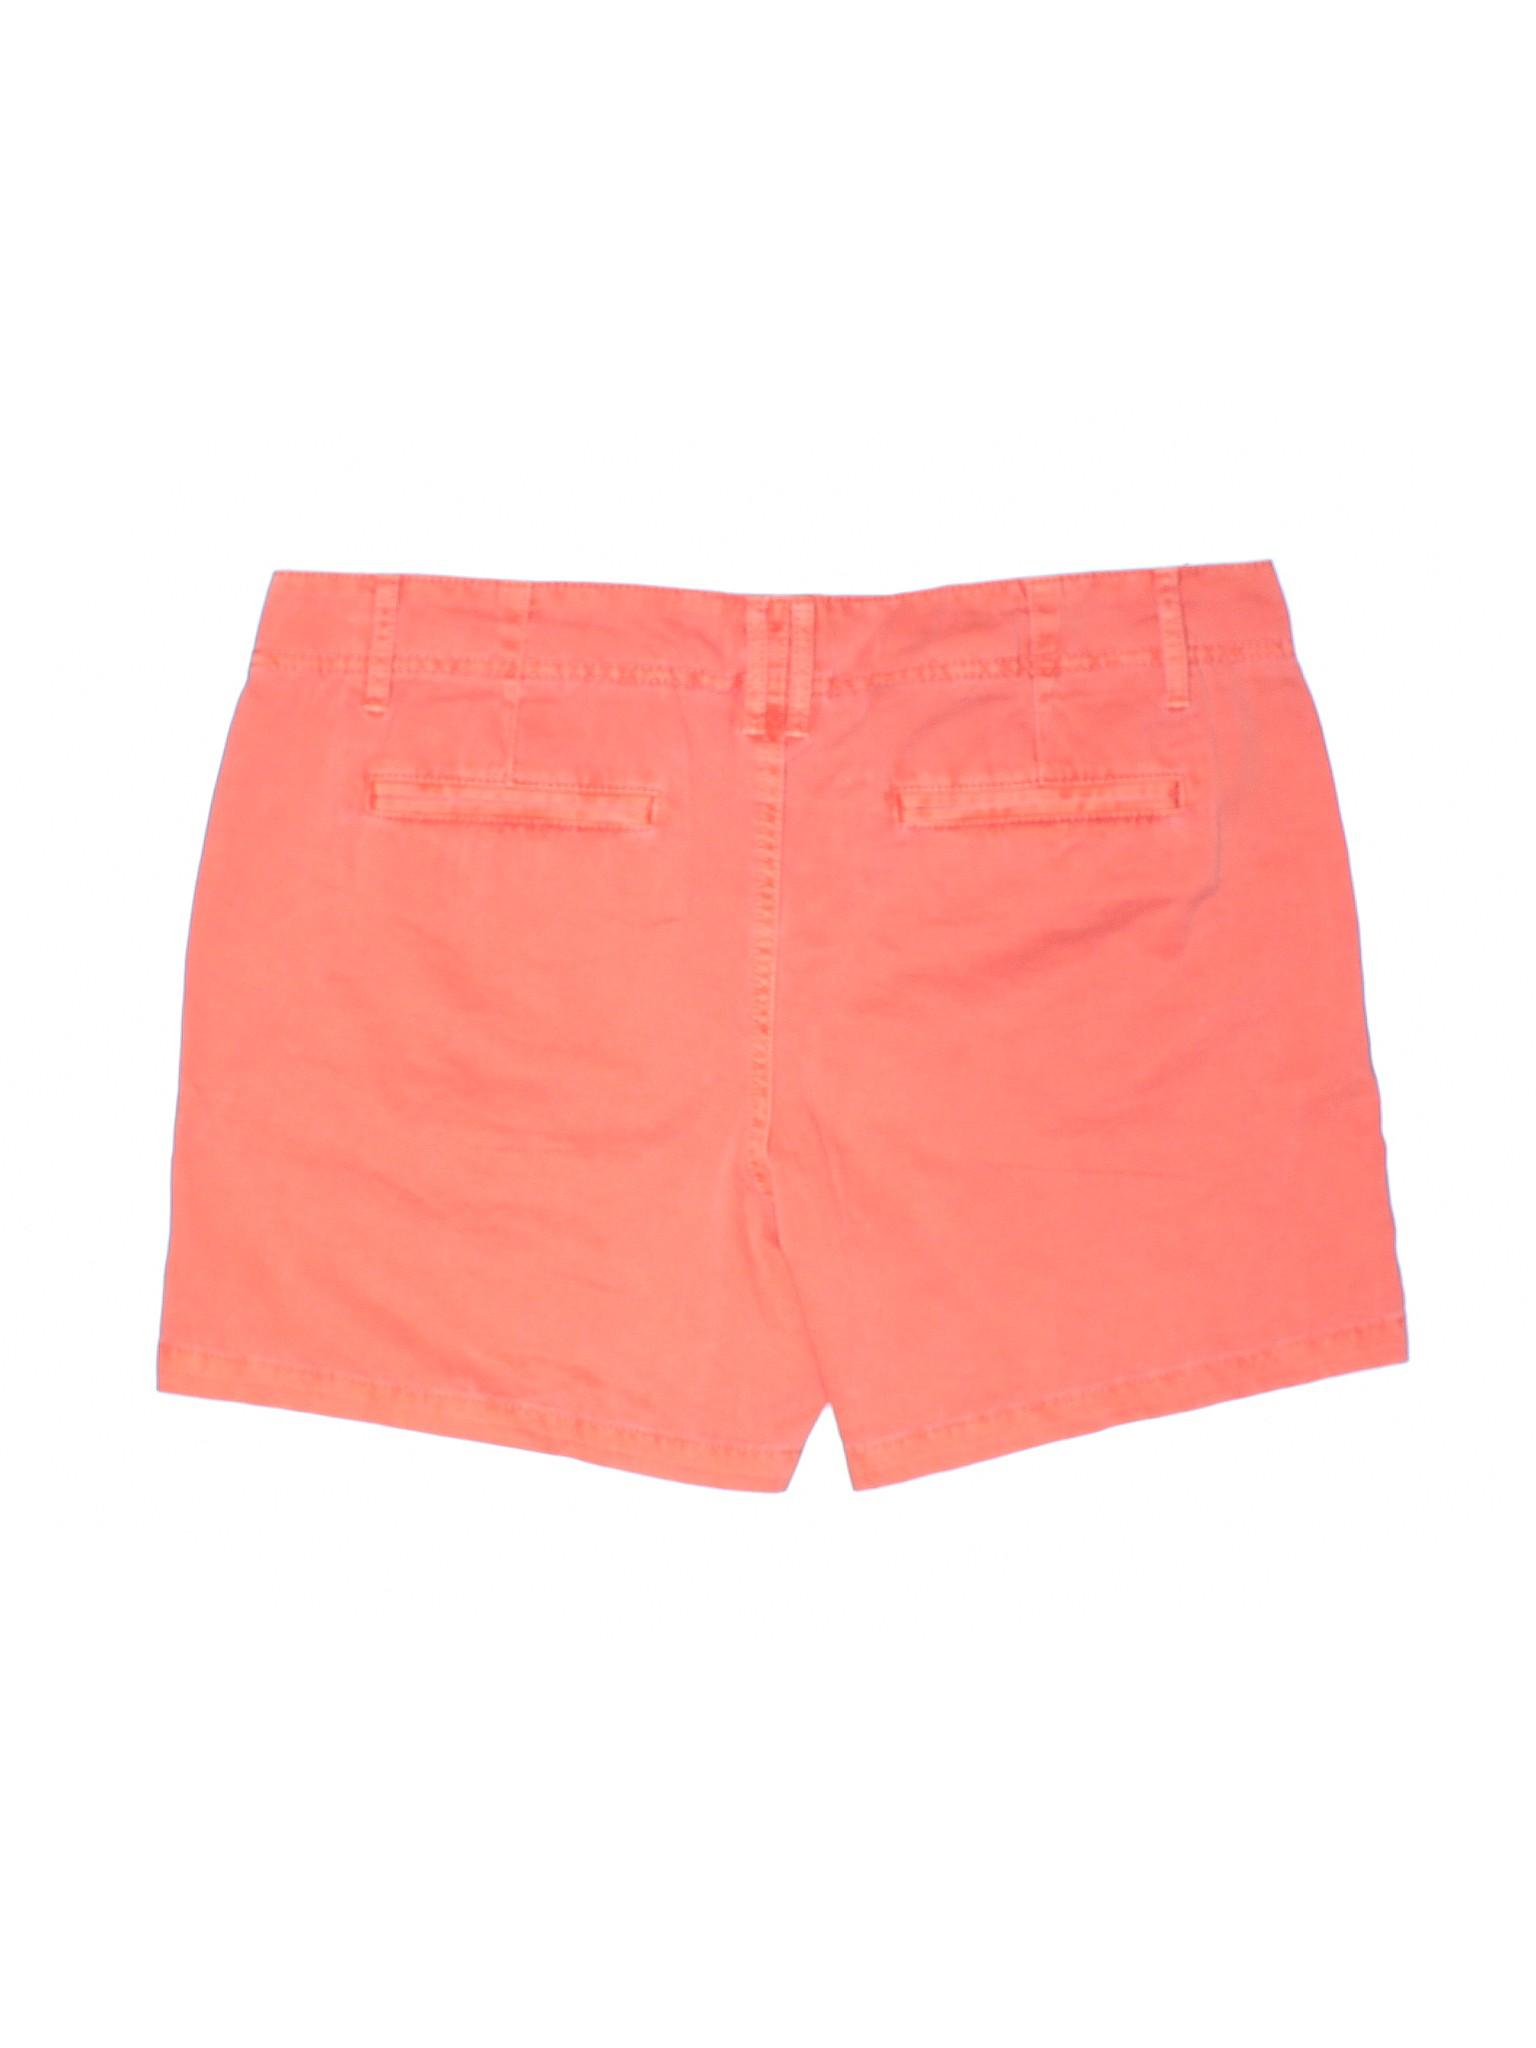 leisure Boutique Boutique Shorts Shorts Khaki Merona Khaki Boutique Merona leisure leisure wfSqtP